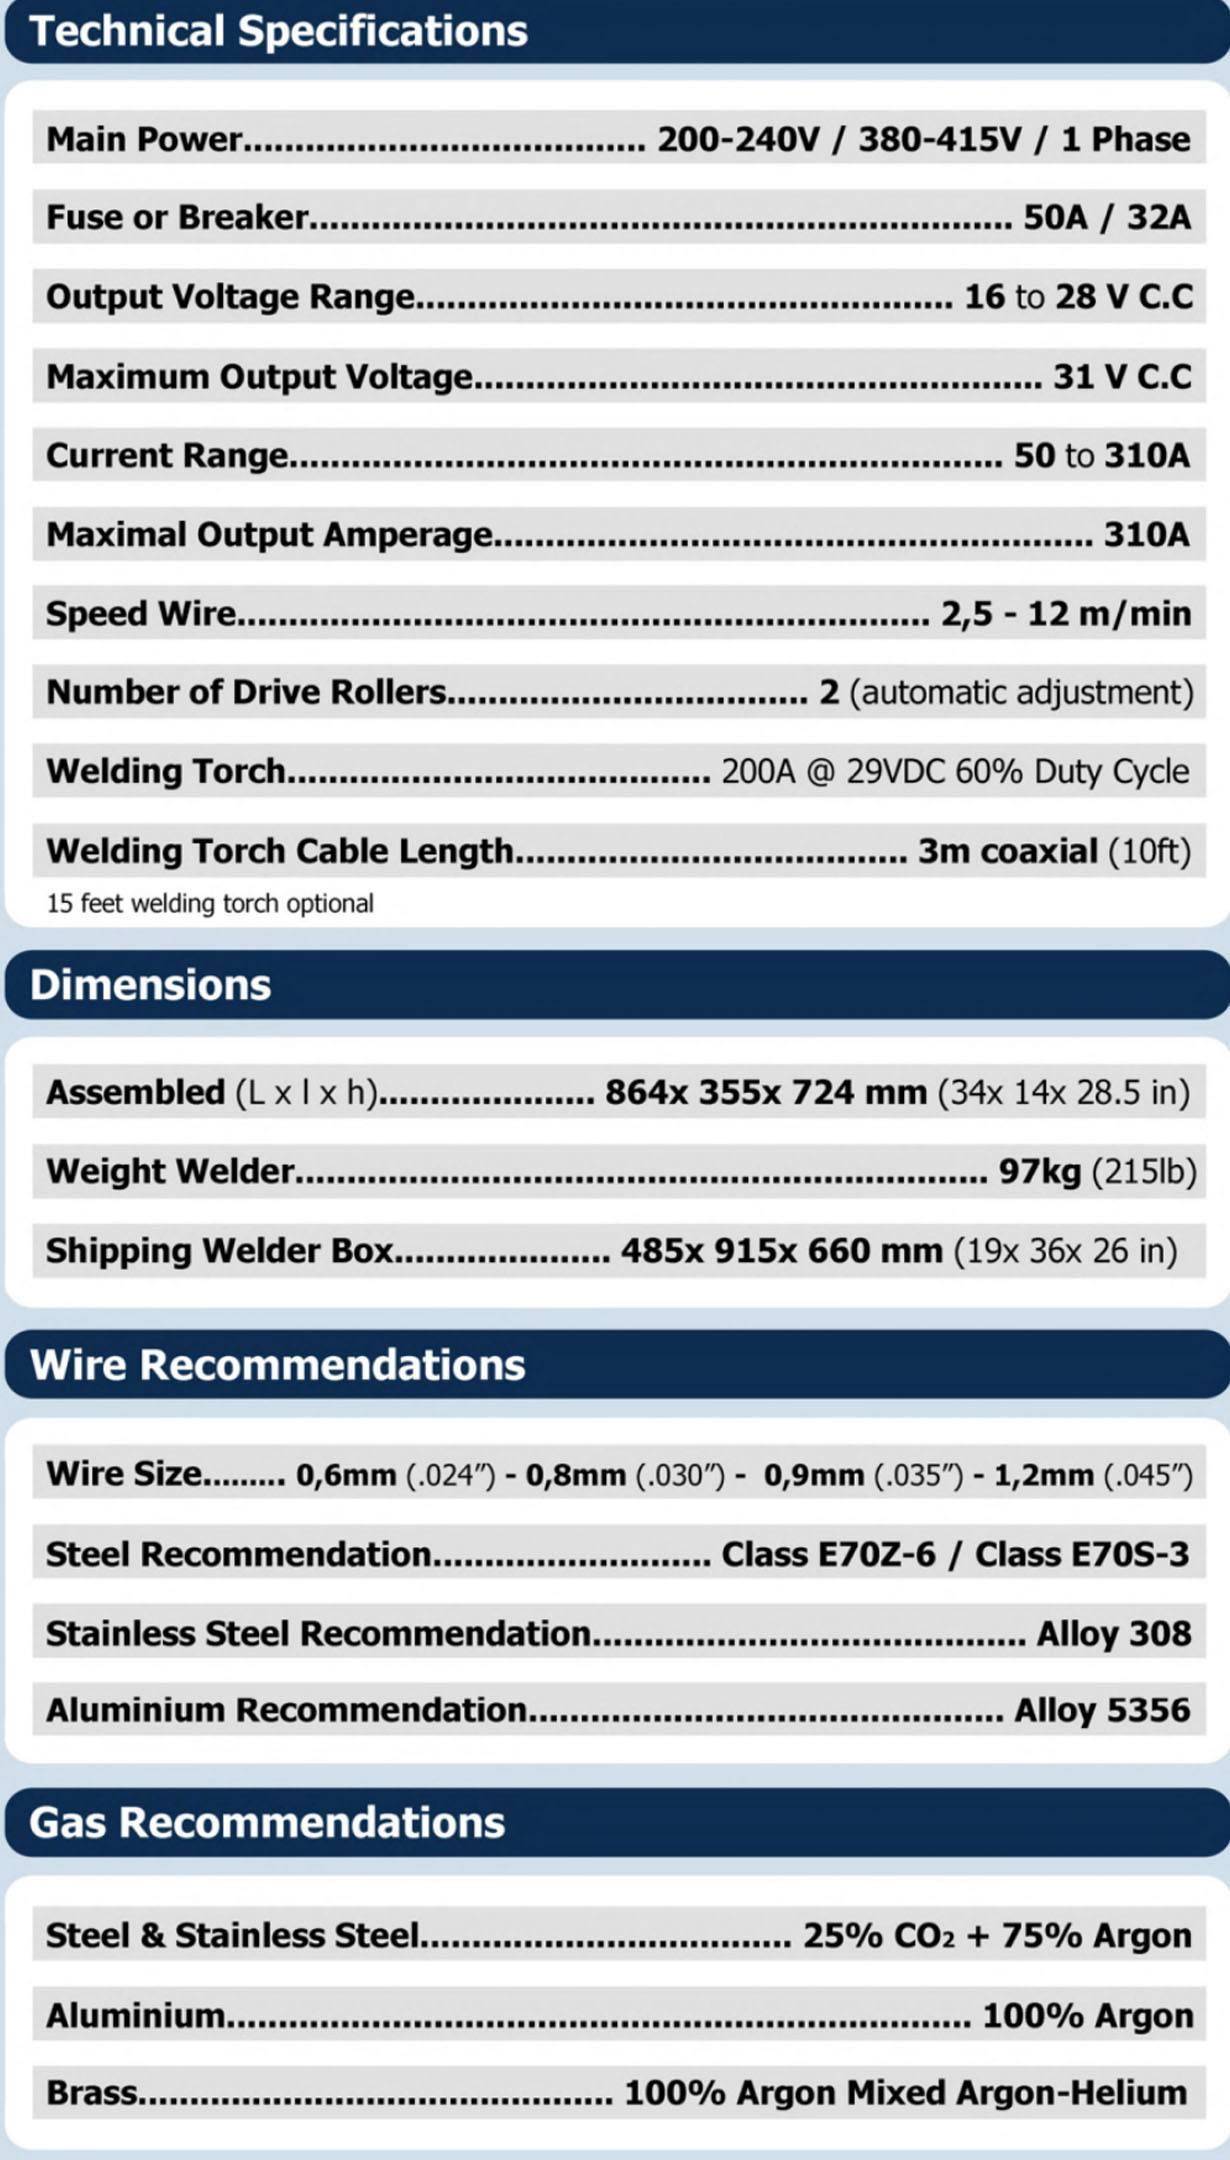 AMH UltraMig 260 Innovative MIG Welder for Aluminium, Steel ...